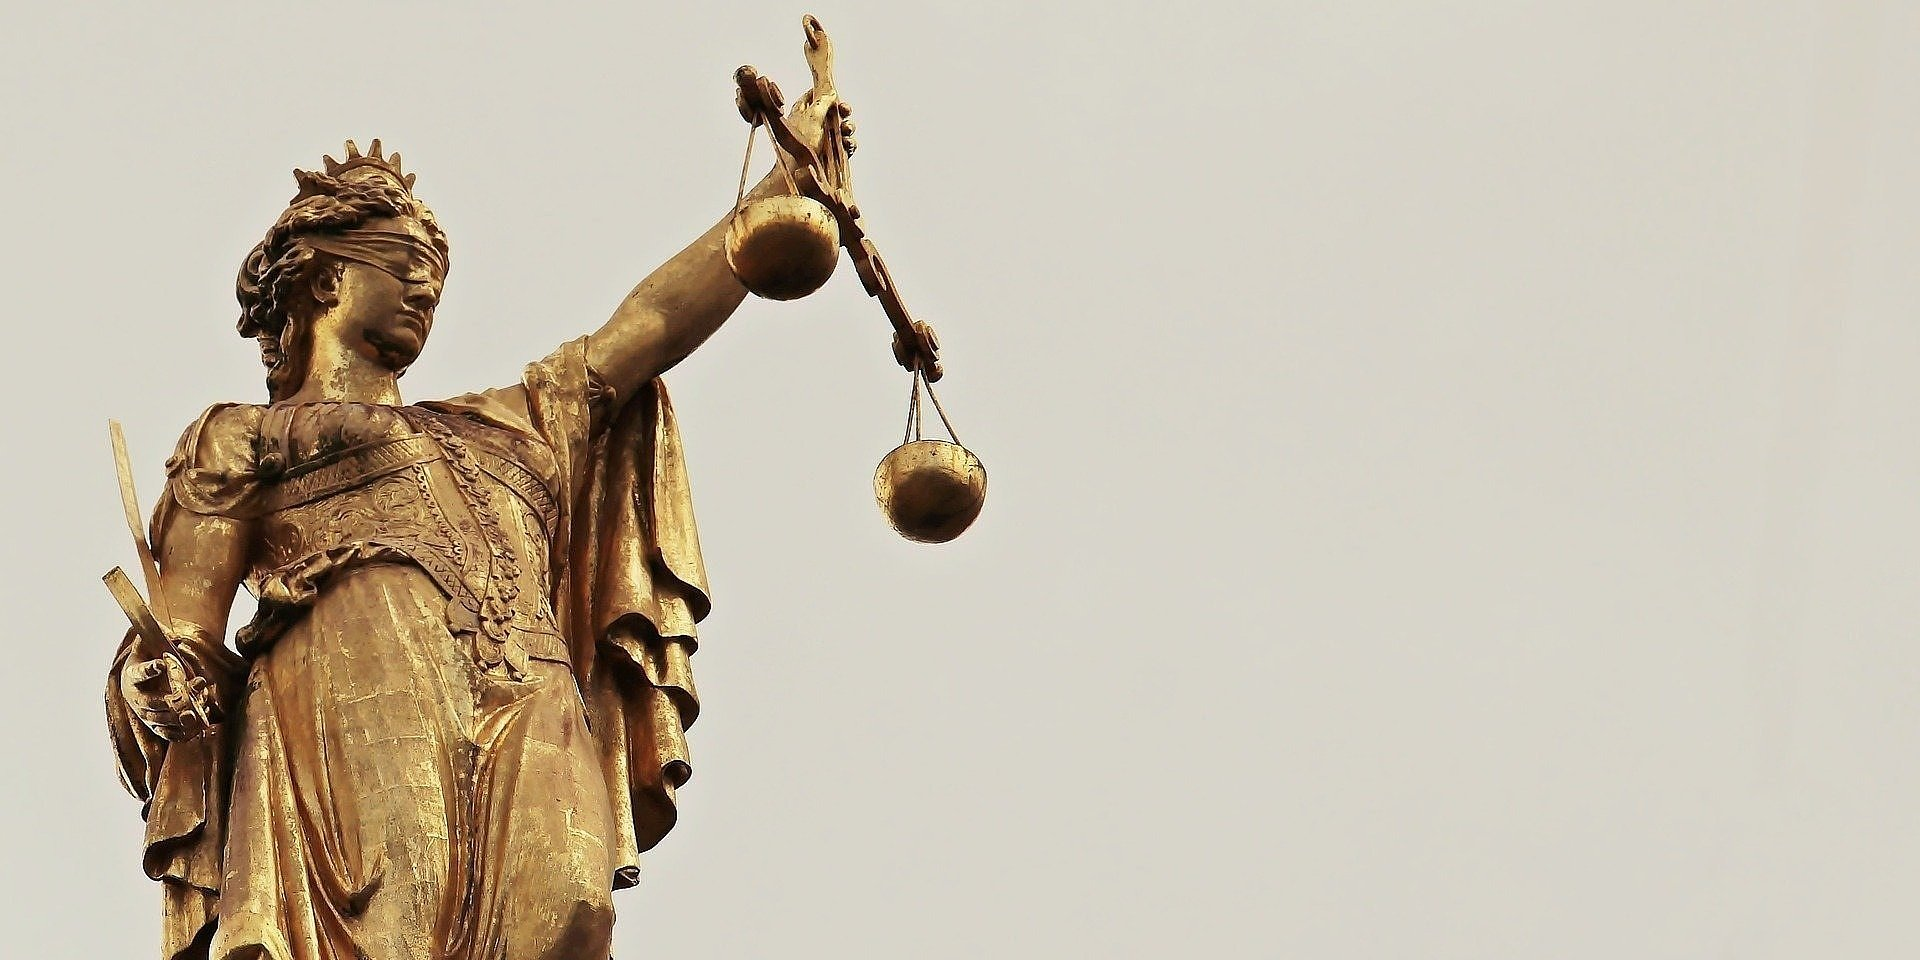 Федеральная служба юстиции Бельгии расширяет свою сеть с помощью Orange Cyberdefence и Extreme!